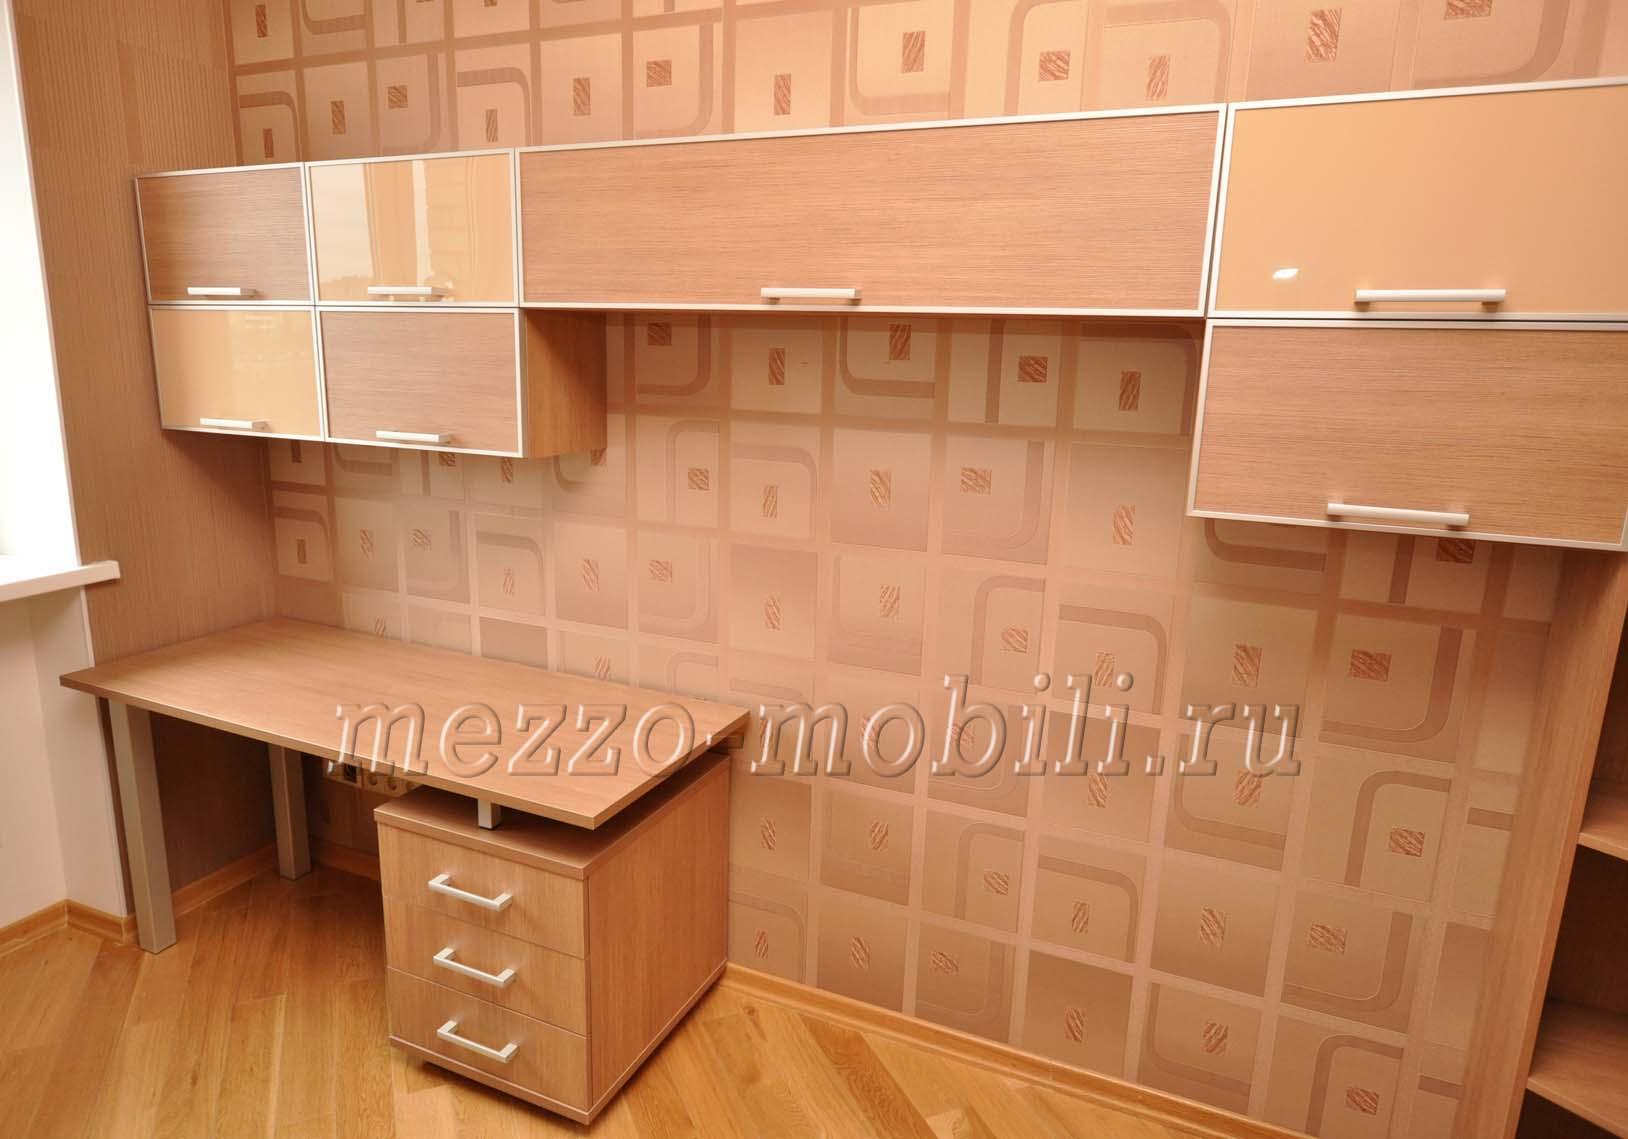 Tan-dexon в своих мебельных изделиях компания интелком..